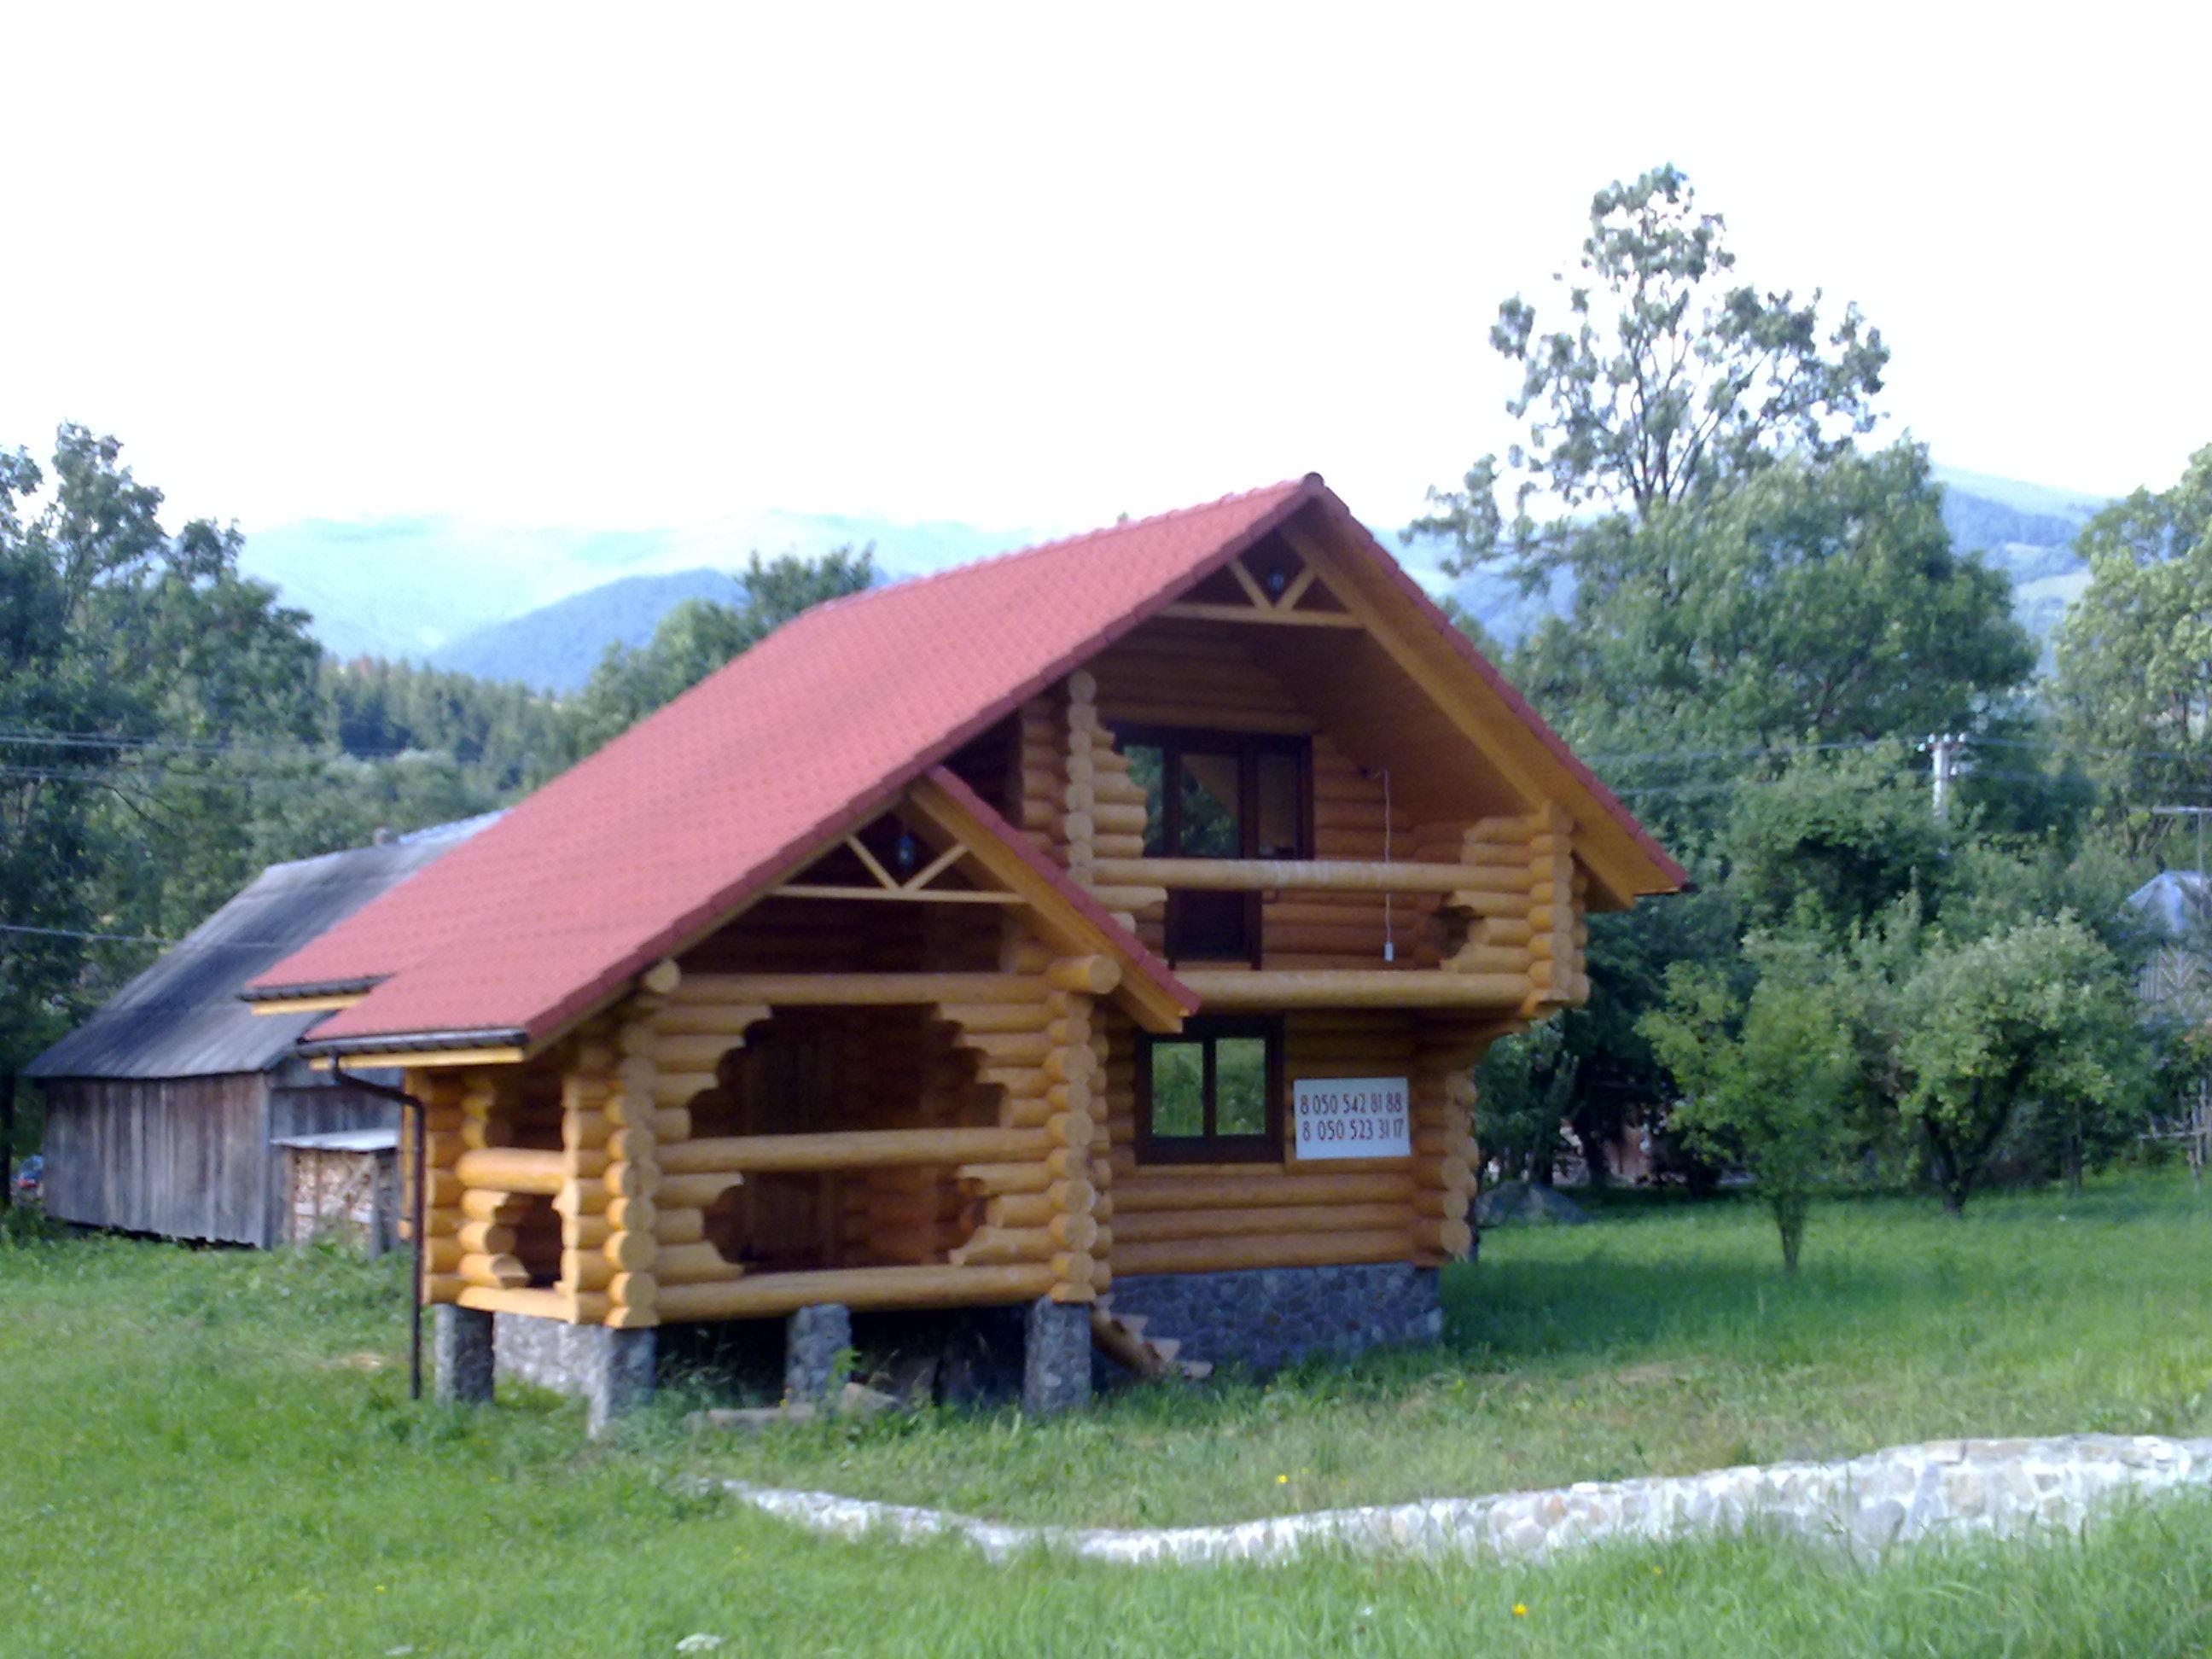 木屋(原木堆积而成), 云杉-白色木材